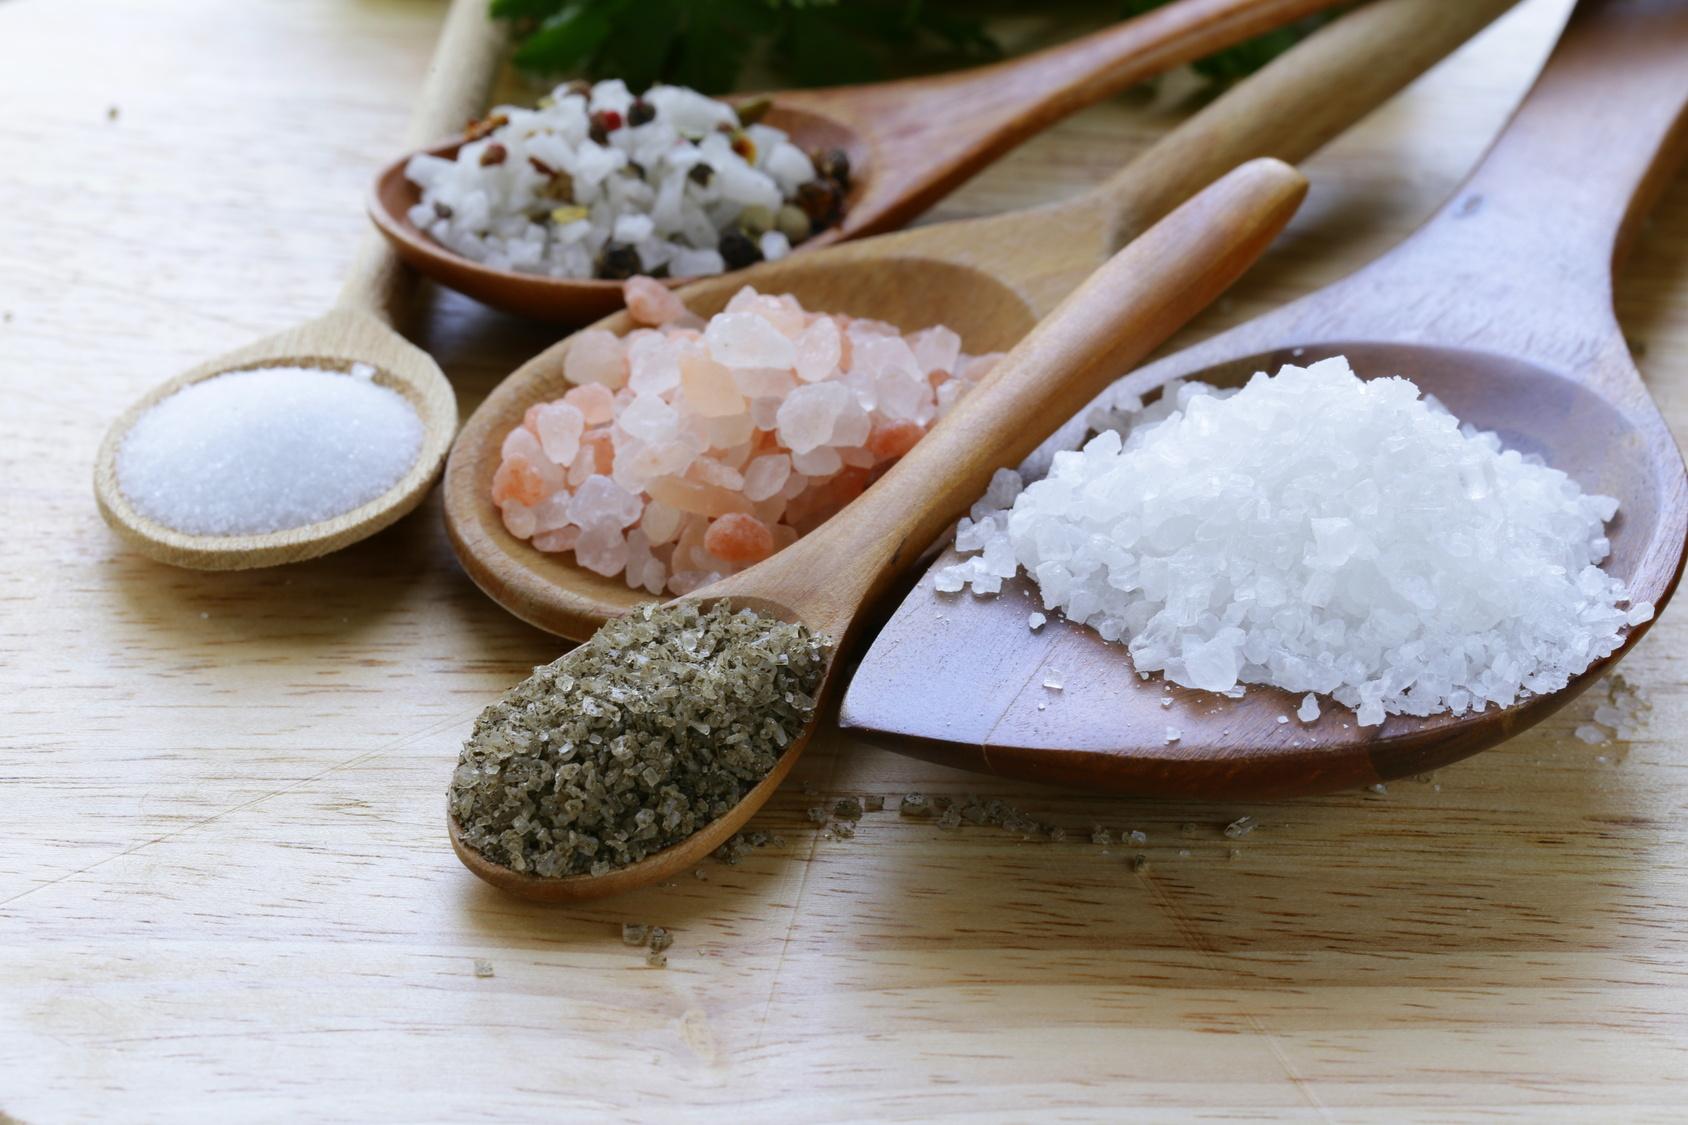 هرگز از این نوع نمک برای پخت و پز استفاده نکنید